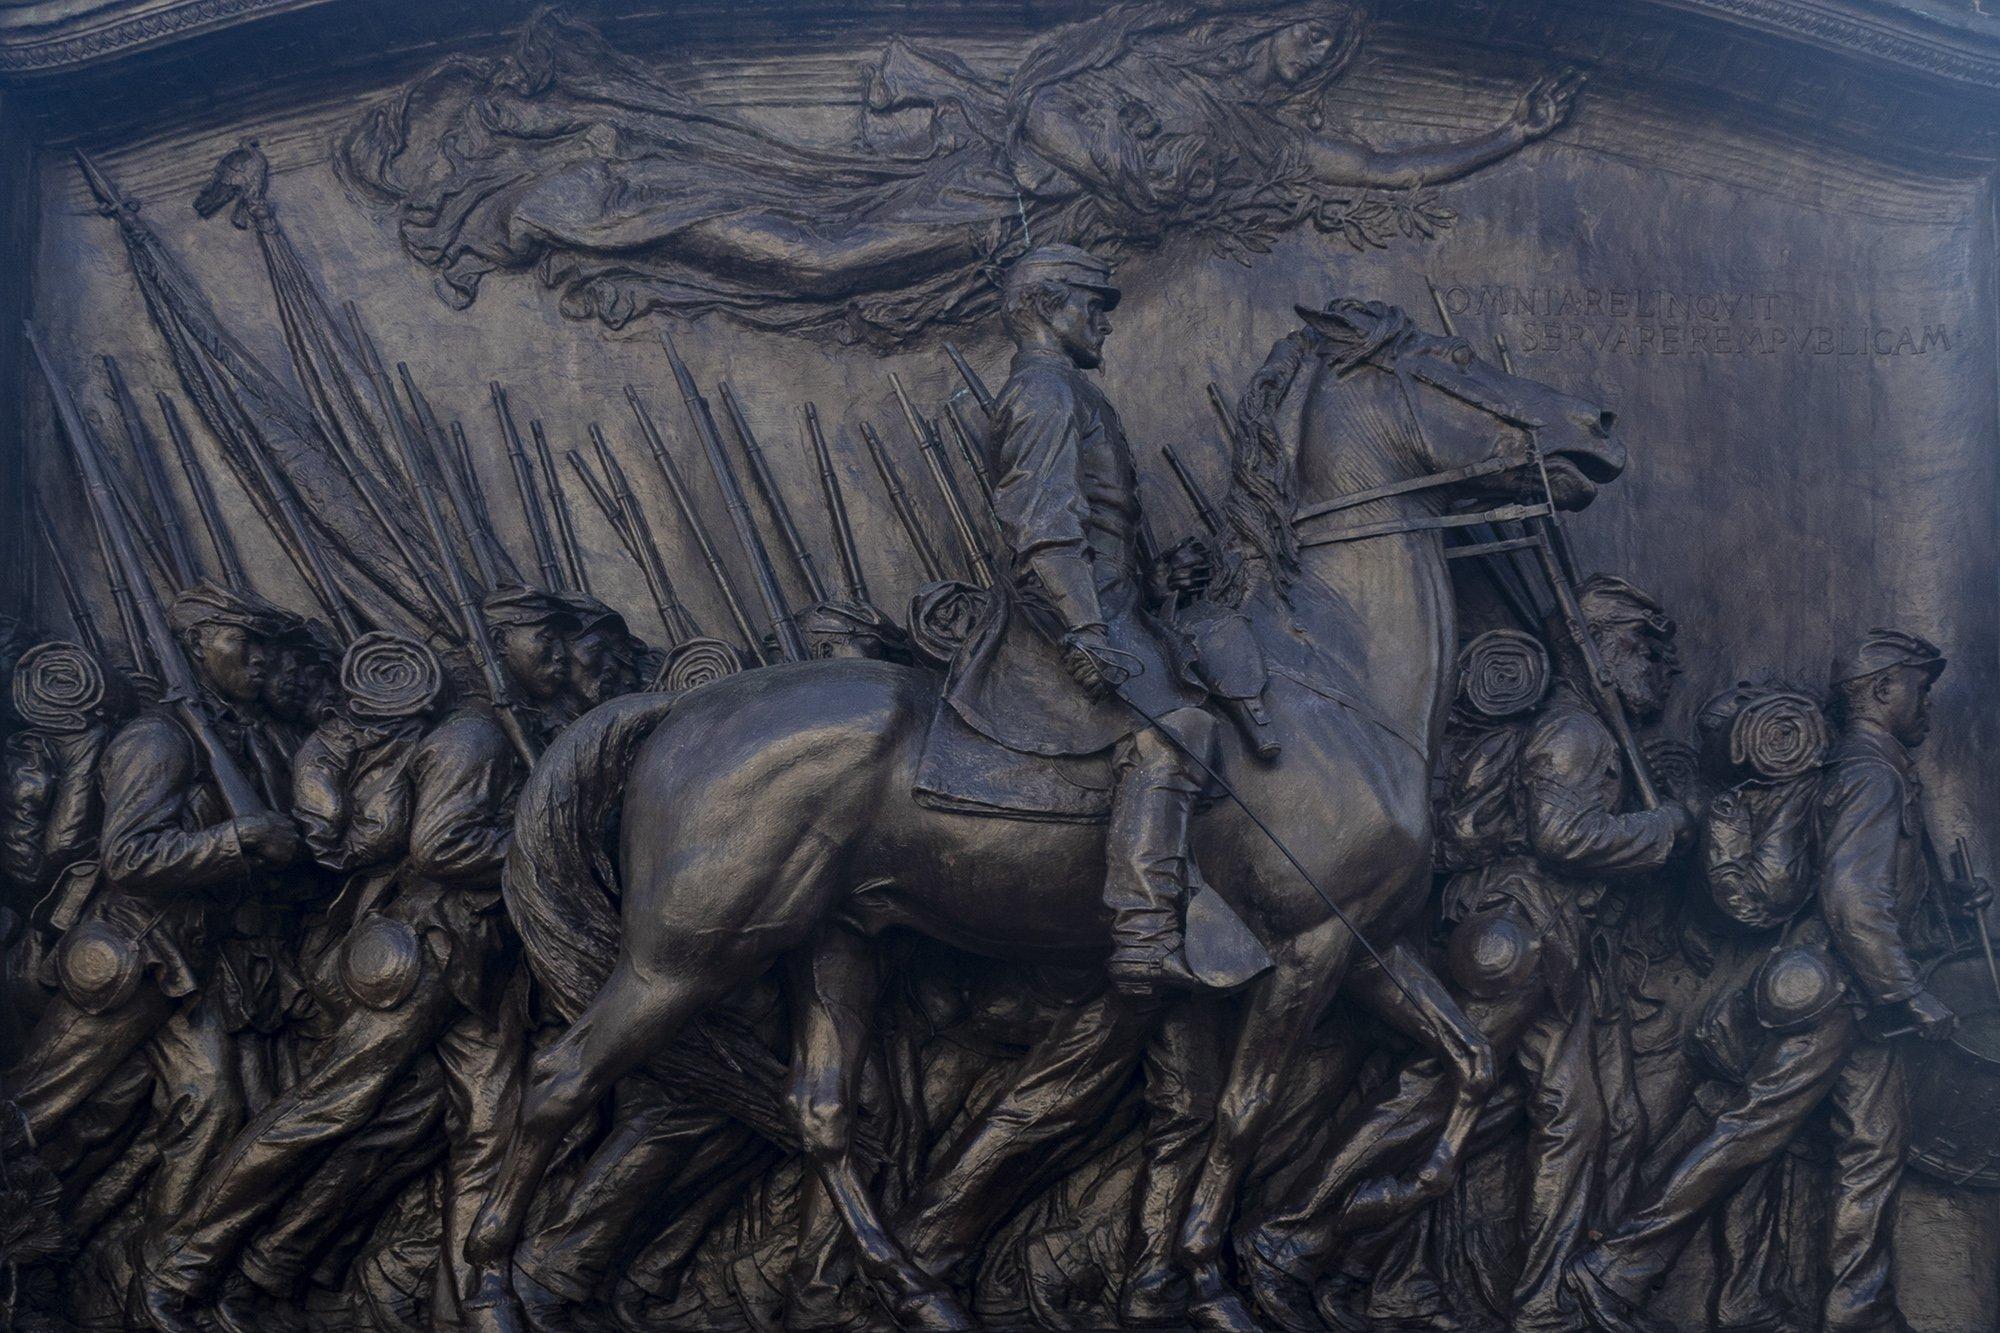 Robert Gould Shaw and 54th Massachusetts regiment memorial